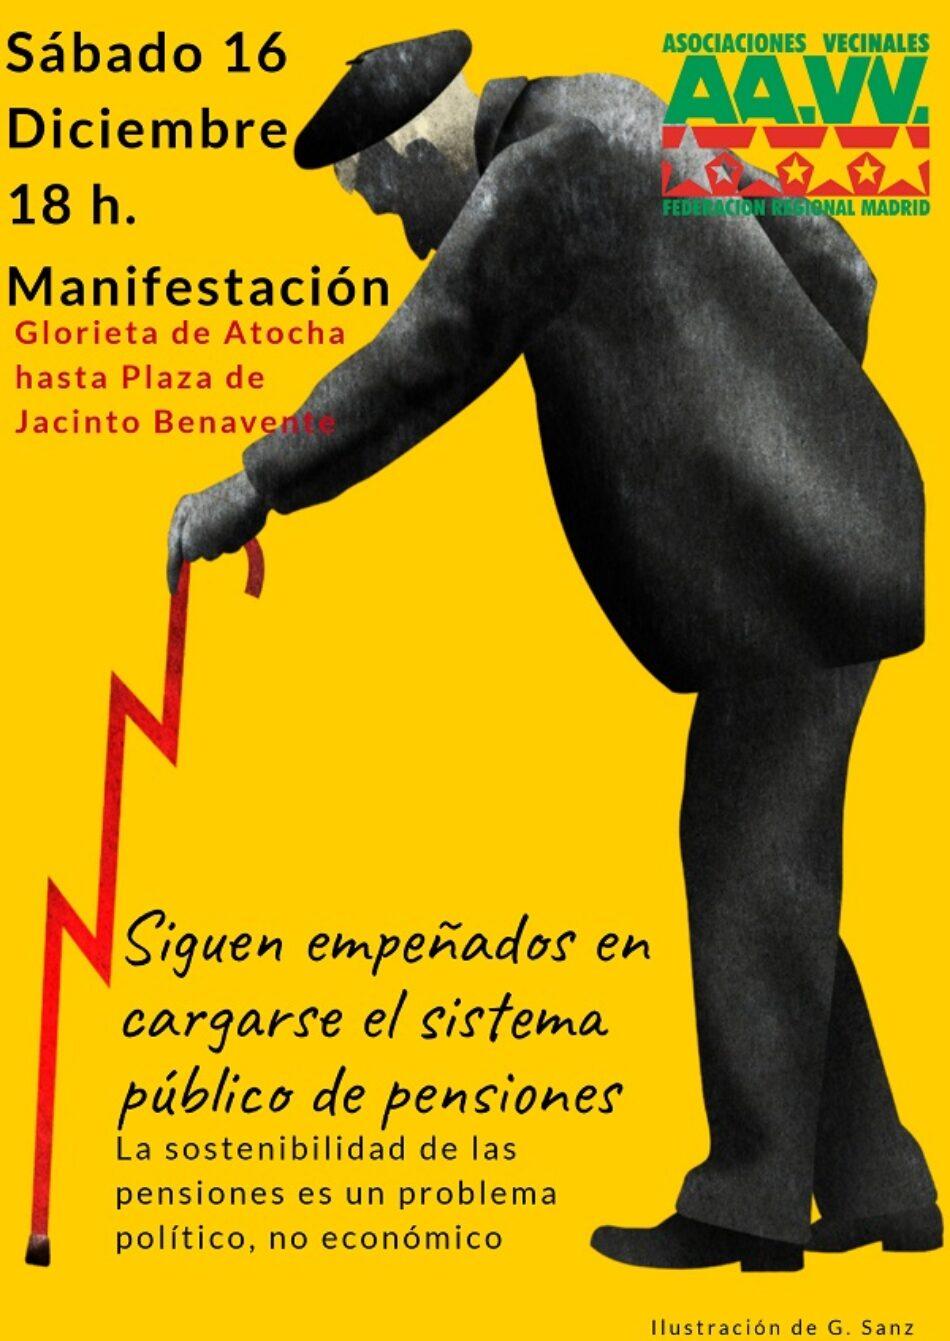 Plataforma Mayores en Acción: «el 16-D, salimos a la calle en defensa de unas pensiones dignas»